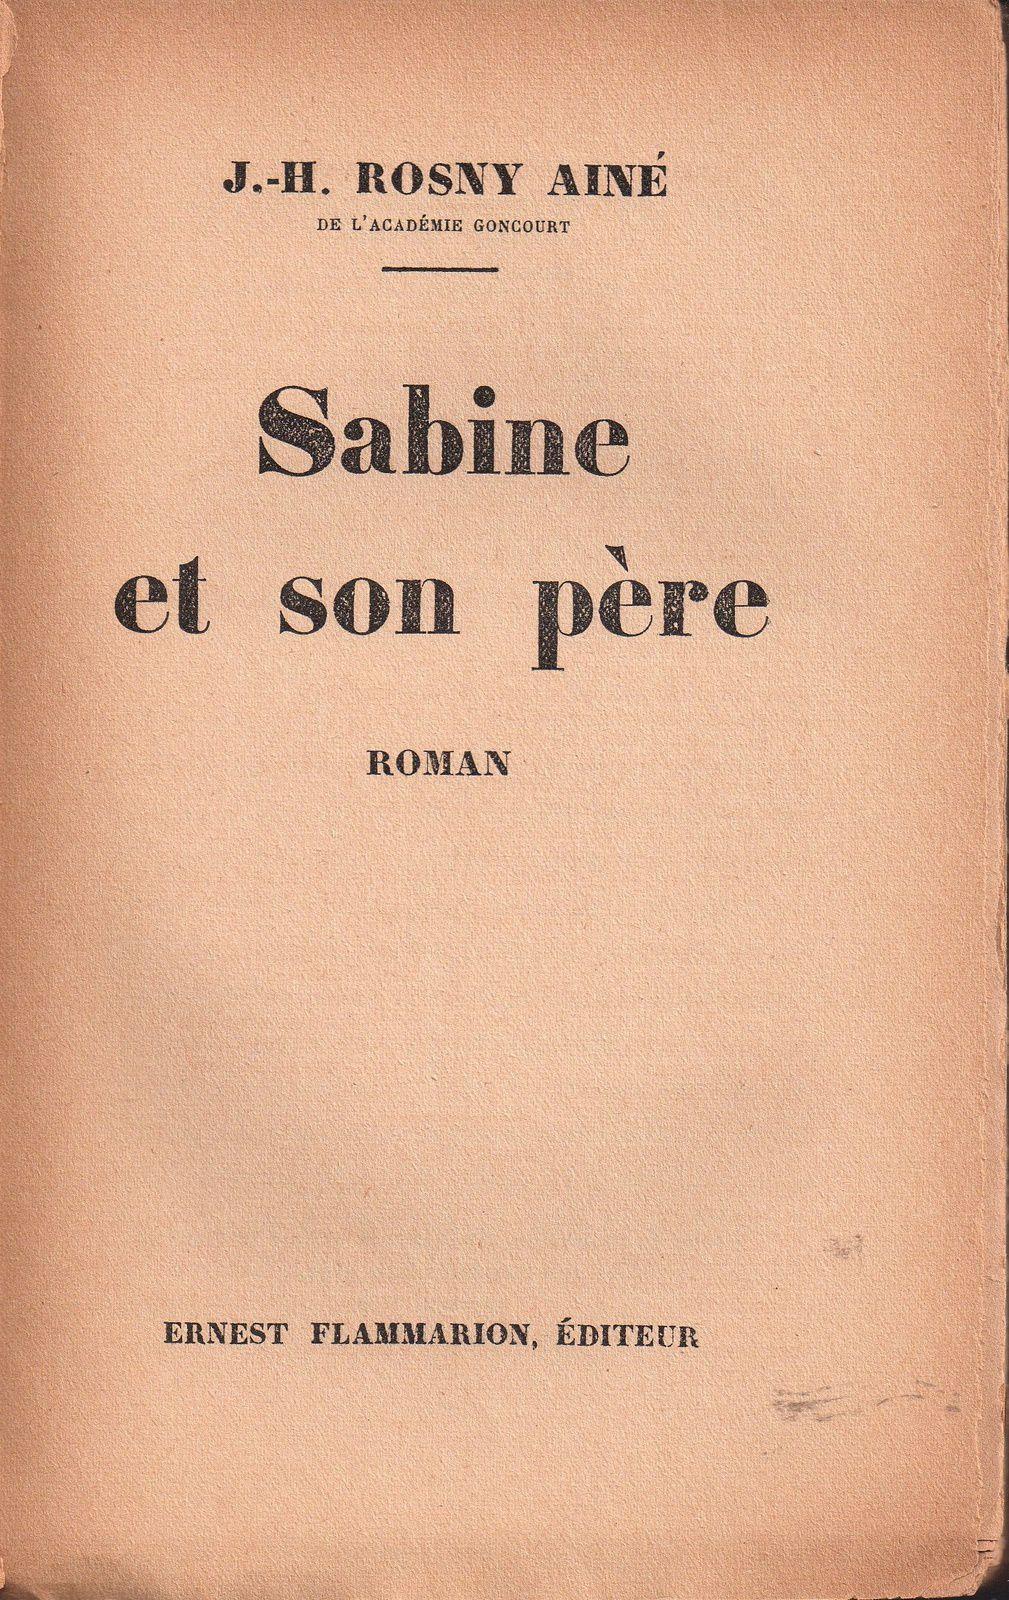 """J.-H. Rosny aîné """"Sabine et son Père"""" (Flammarion - 1932)"""